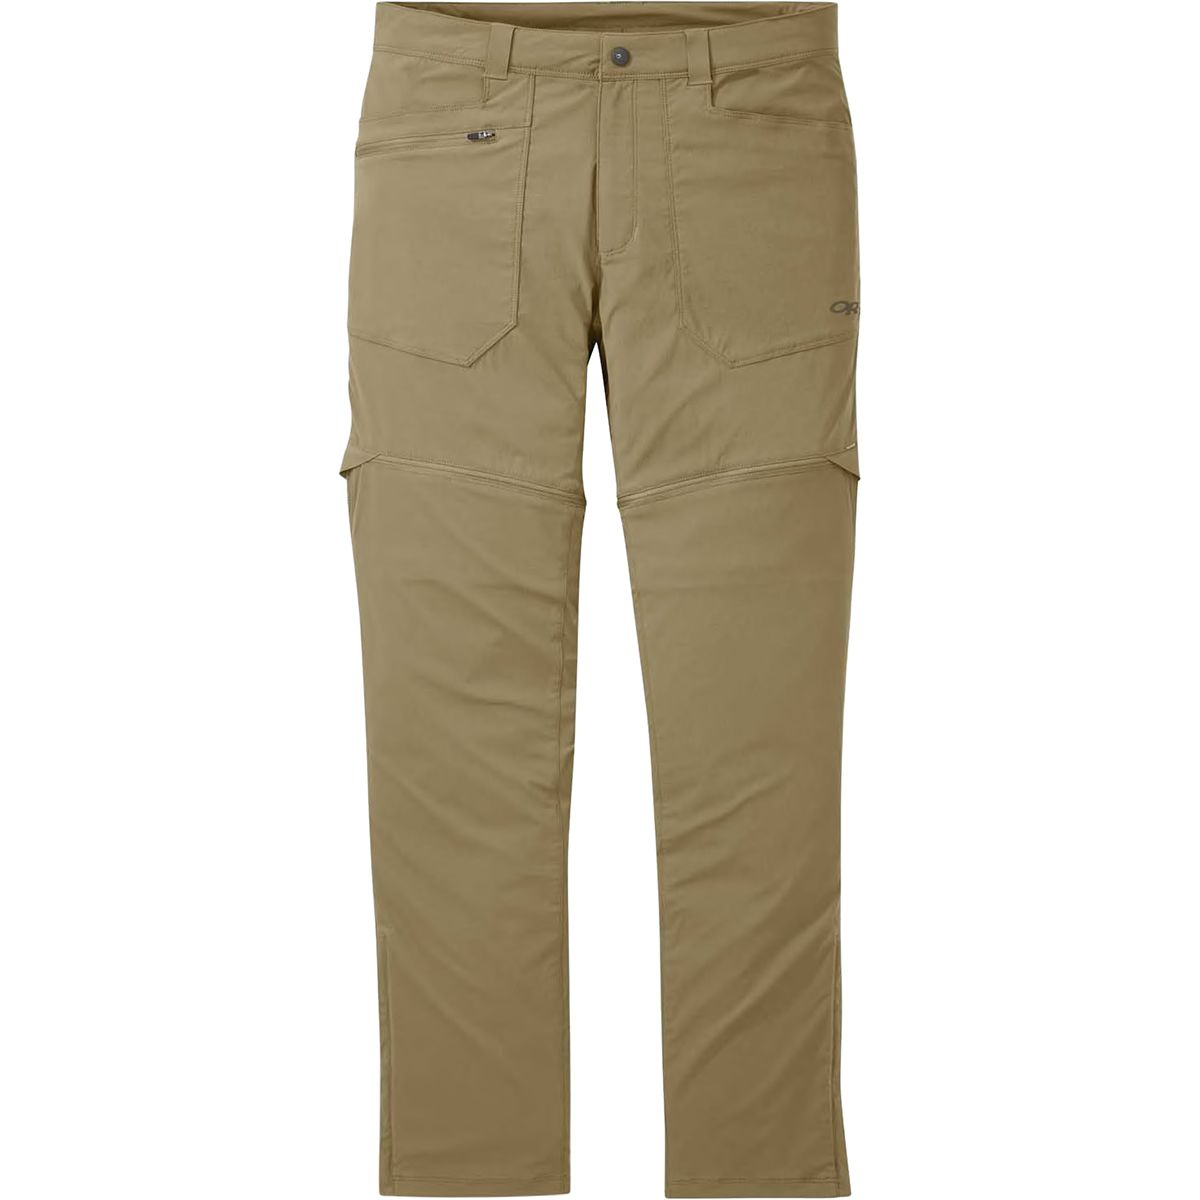 Outdoor Research Equinox Convert Pants